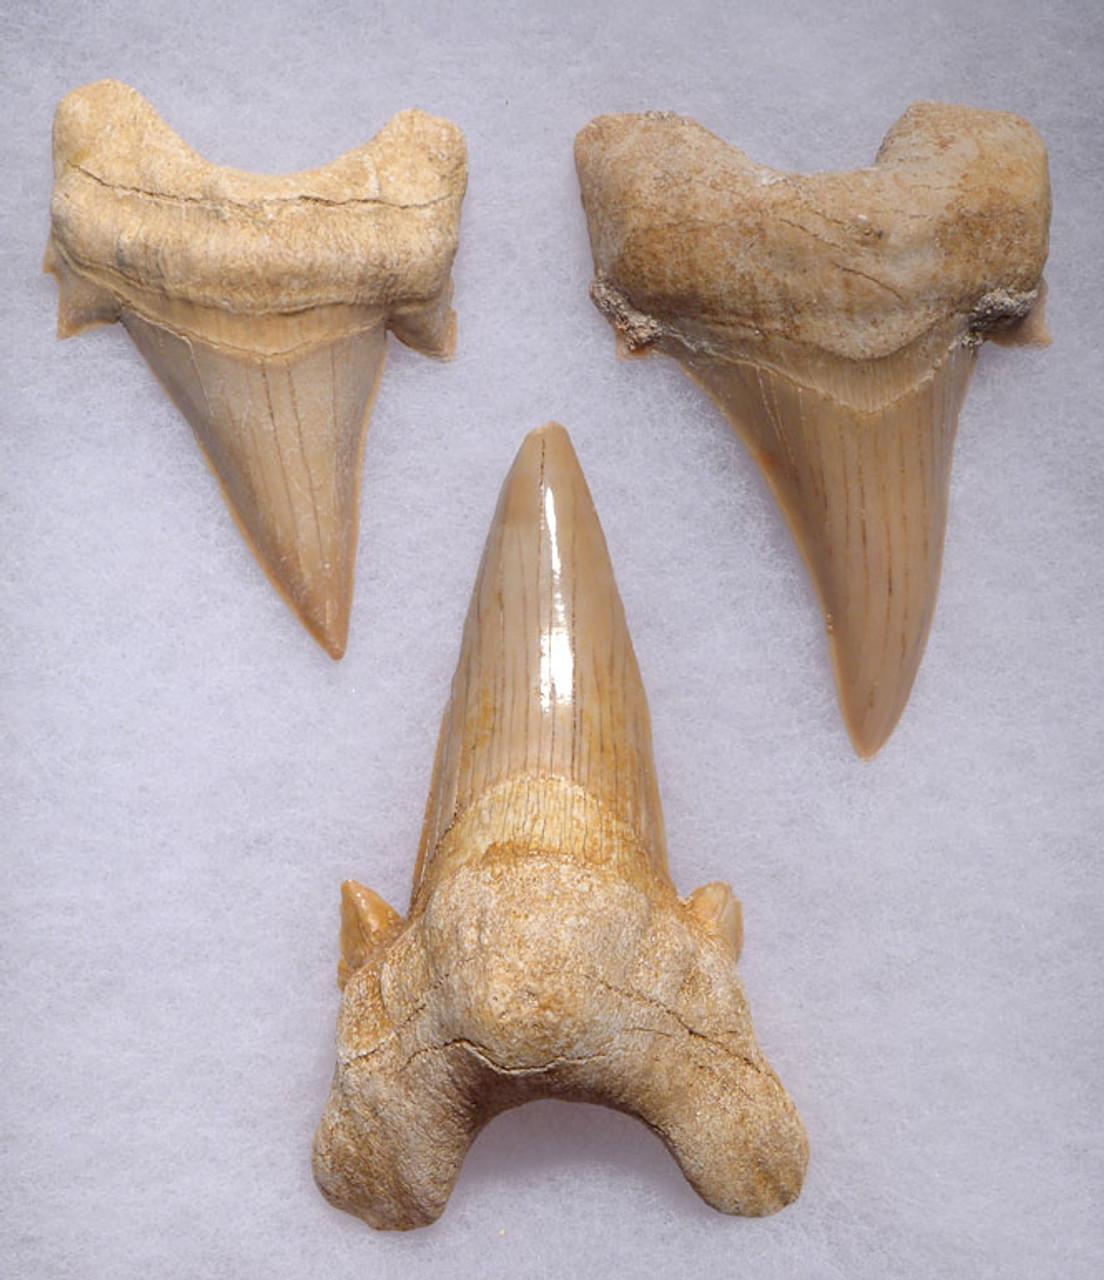 THREE LARGE PREMIUM FOSSIL MACKEREL SHARK OTODUS TEETH WITH UNRESTORED ROOTS  *OT003